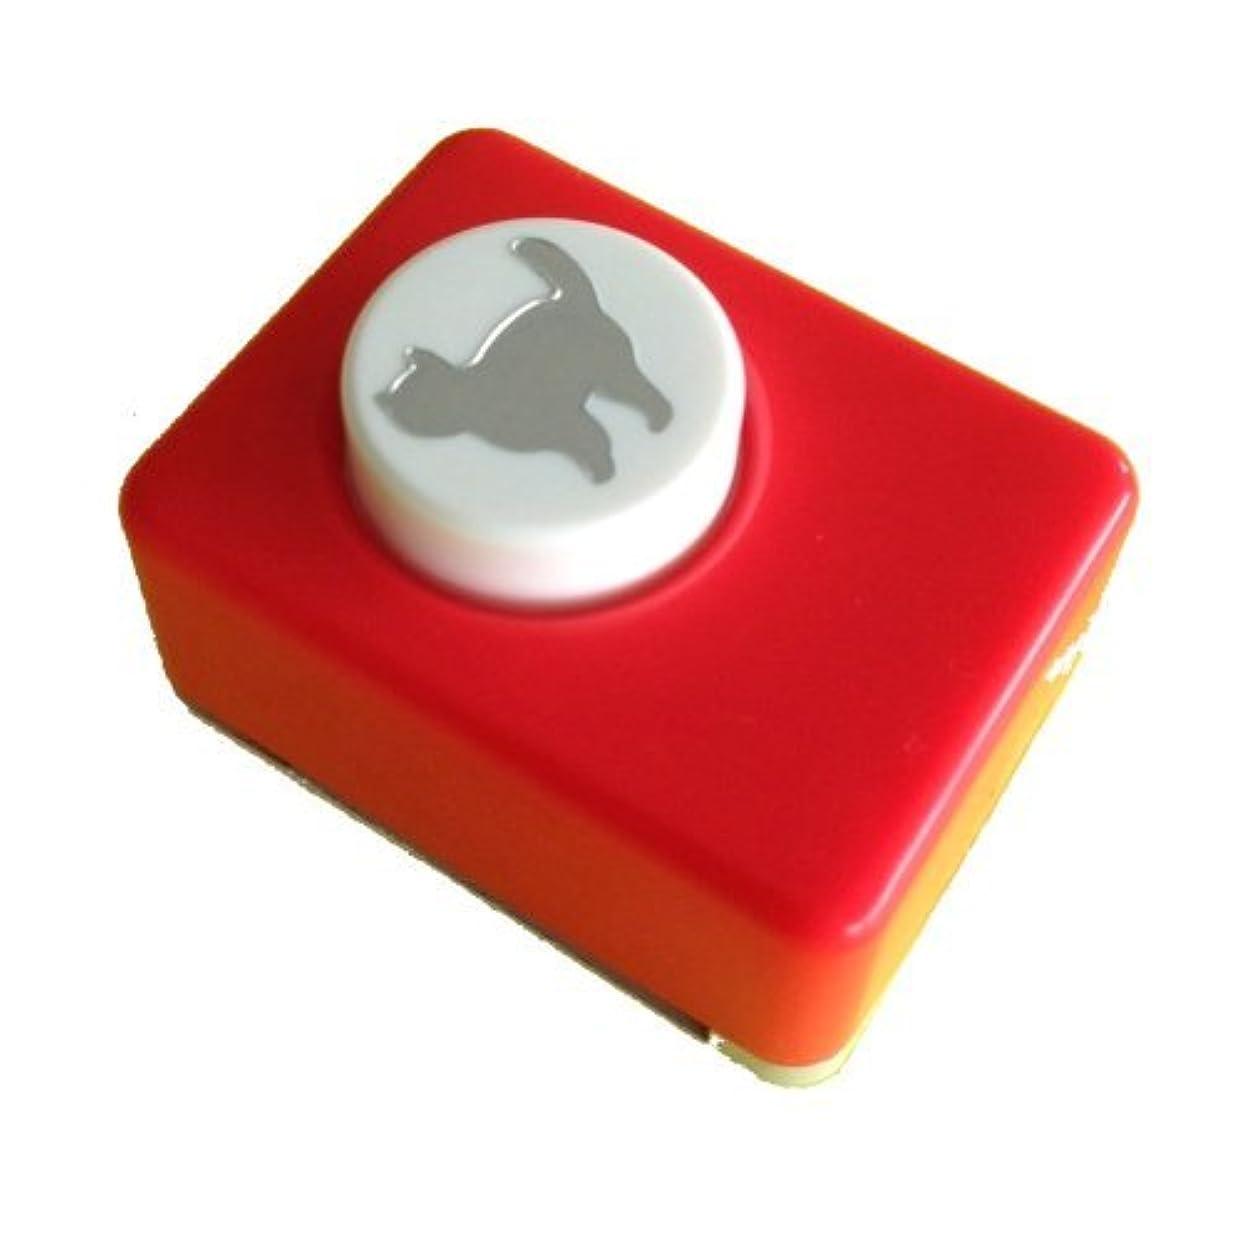 量で心理的圧縮されたカール事務器 クラフトパンチ小 Cat CP-1 ???? 00906074 【まとめ買い5個セット】